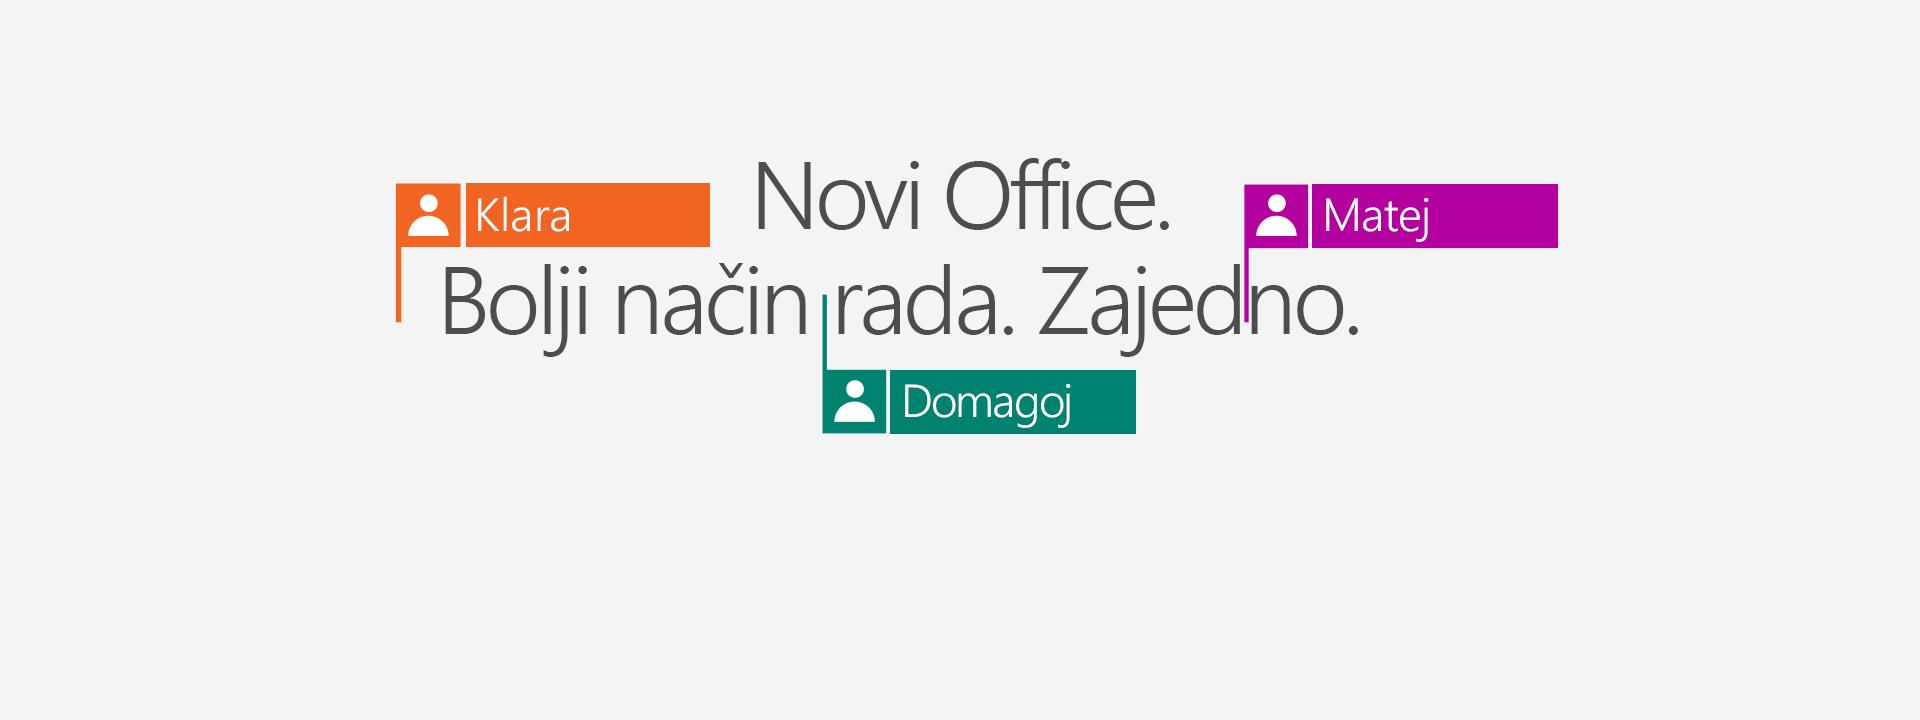 Kupite Office 365 da dobijete nove aplikacije 2016.